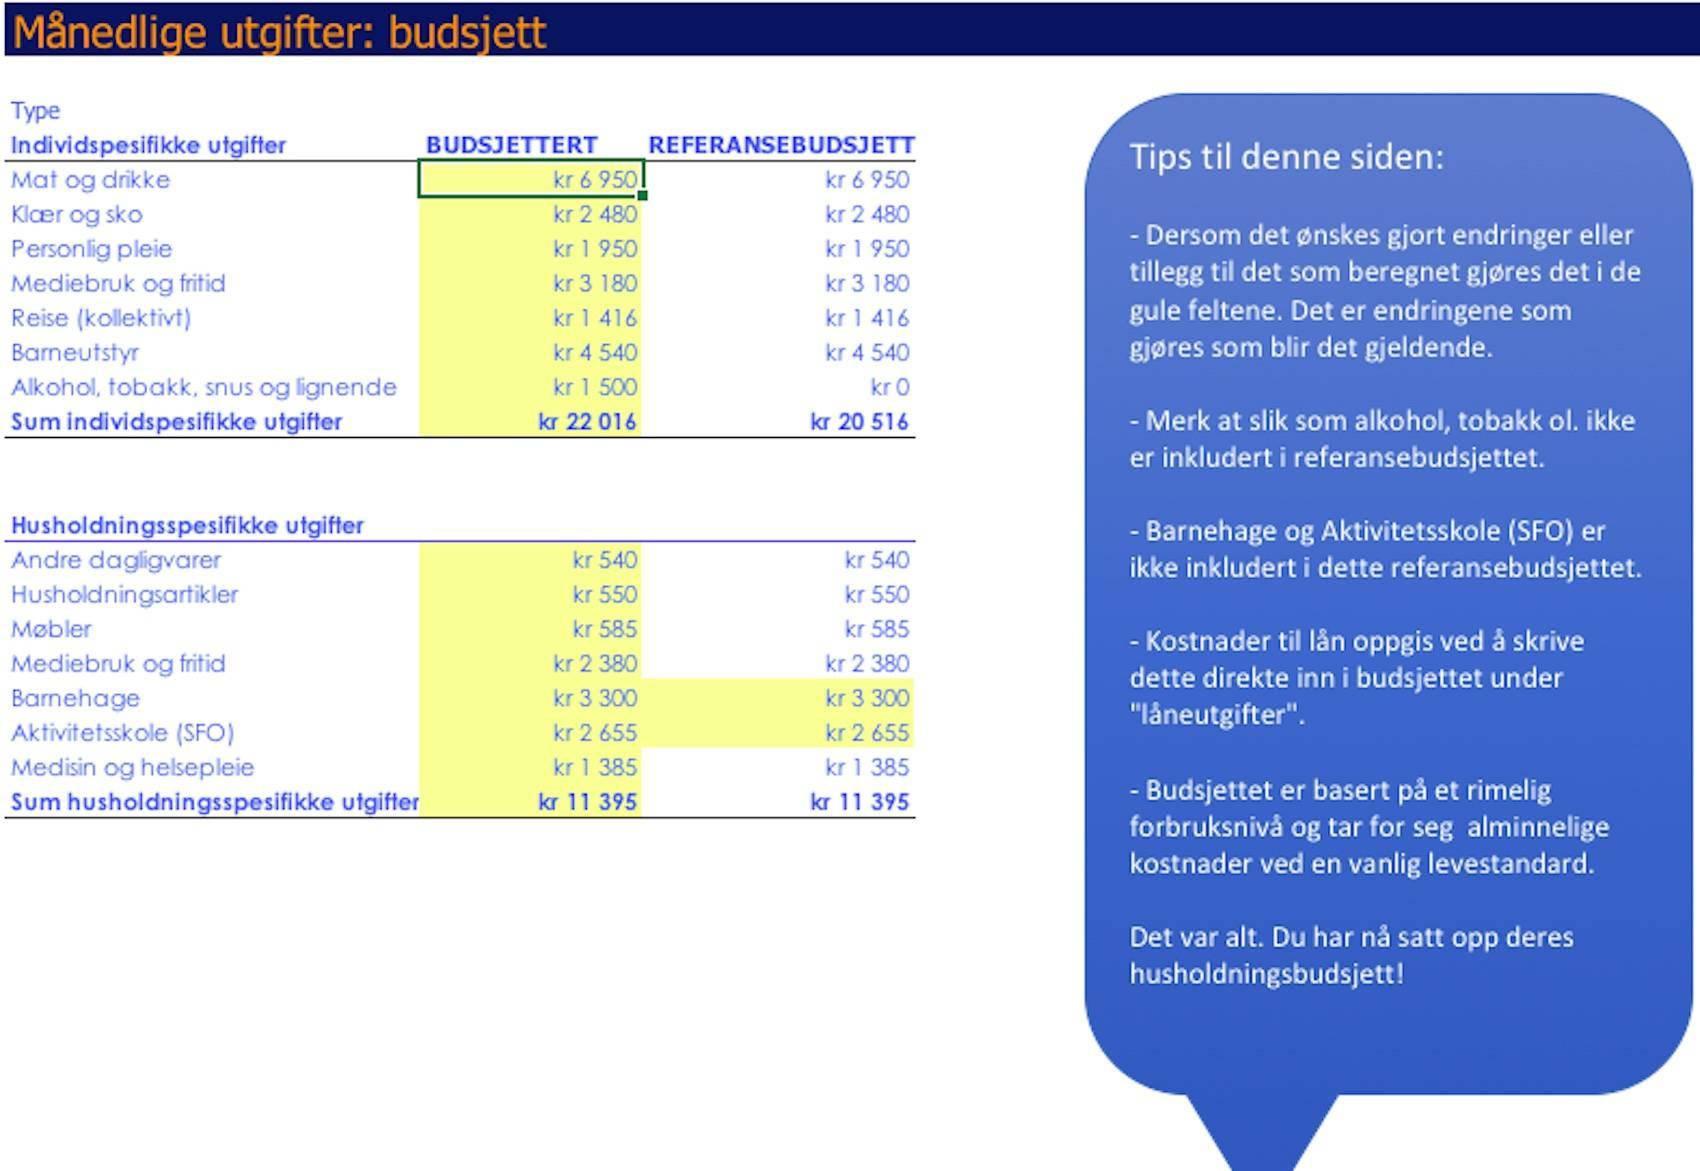 Budsjetterer som en bankmann - Husholdningsutgifter